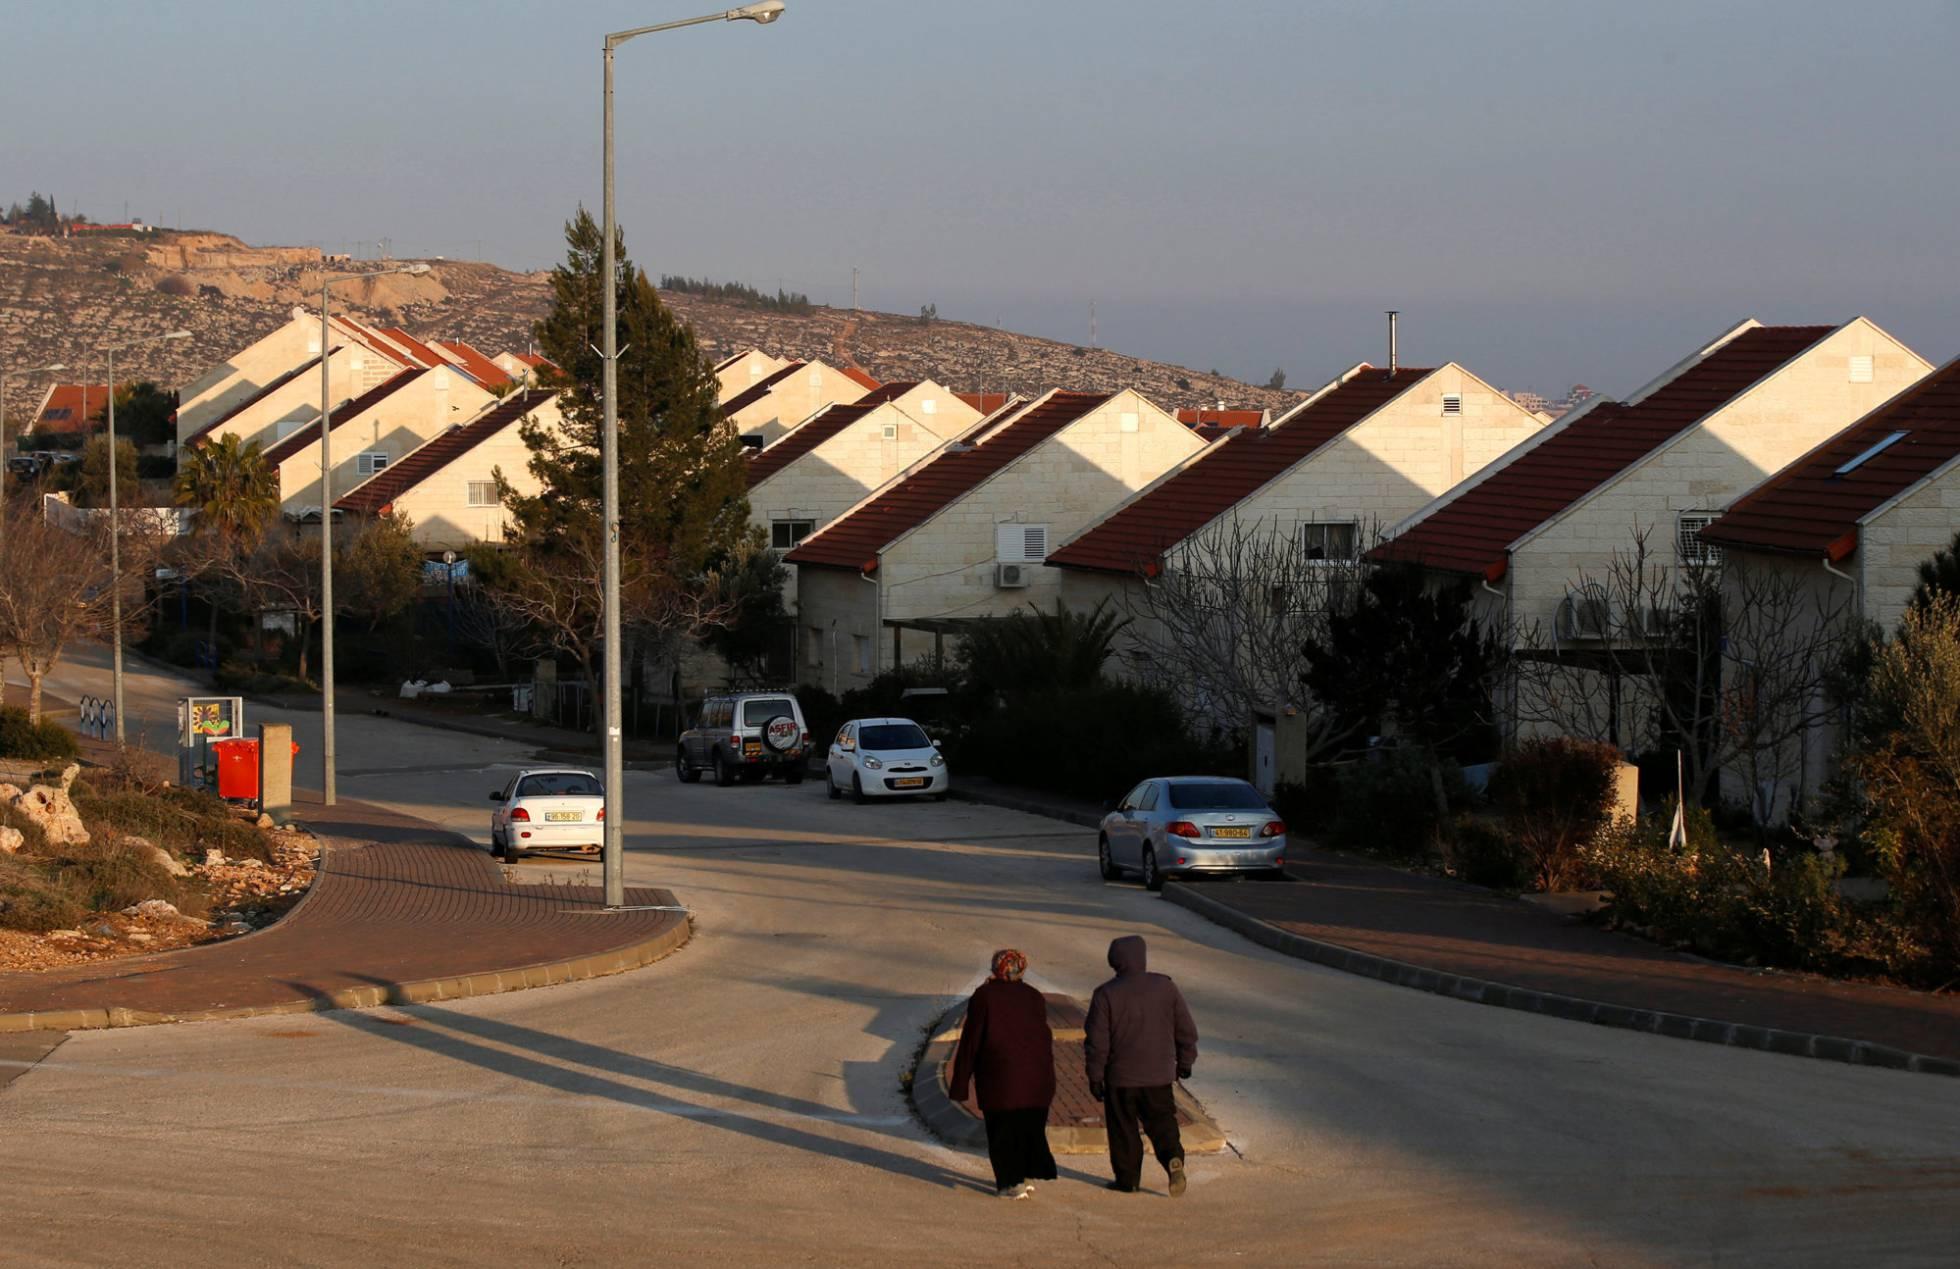 Conflicto Israel-Palestina - Página 29 1486409118_350567_1486424500_noticia_normal_recorte1